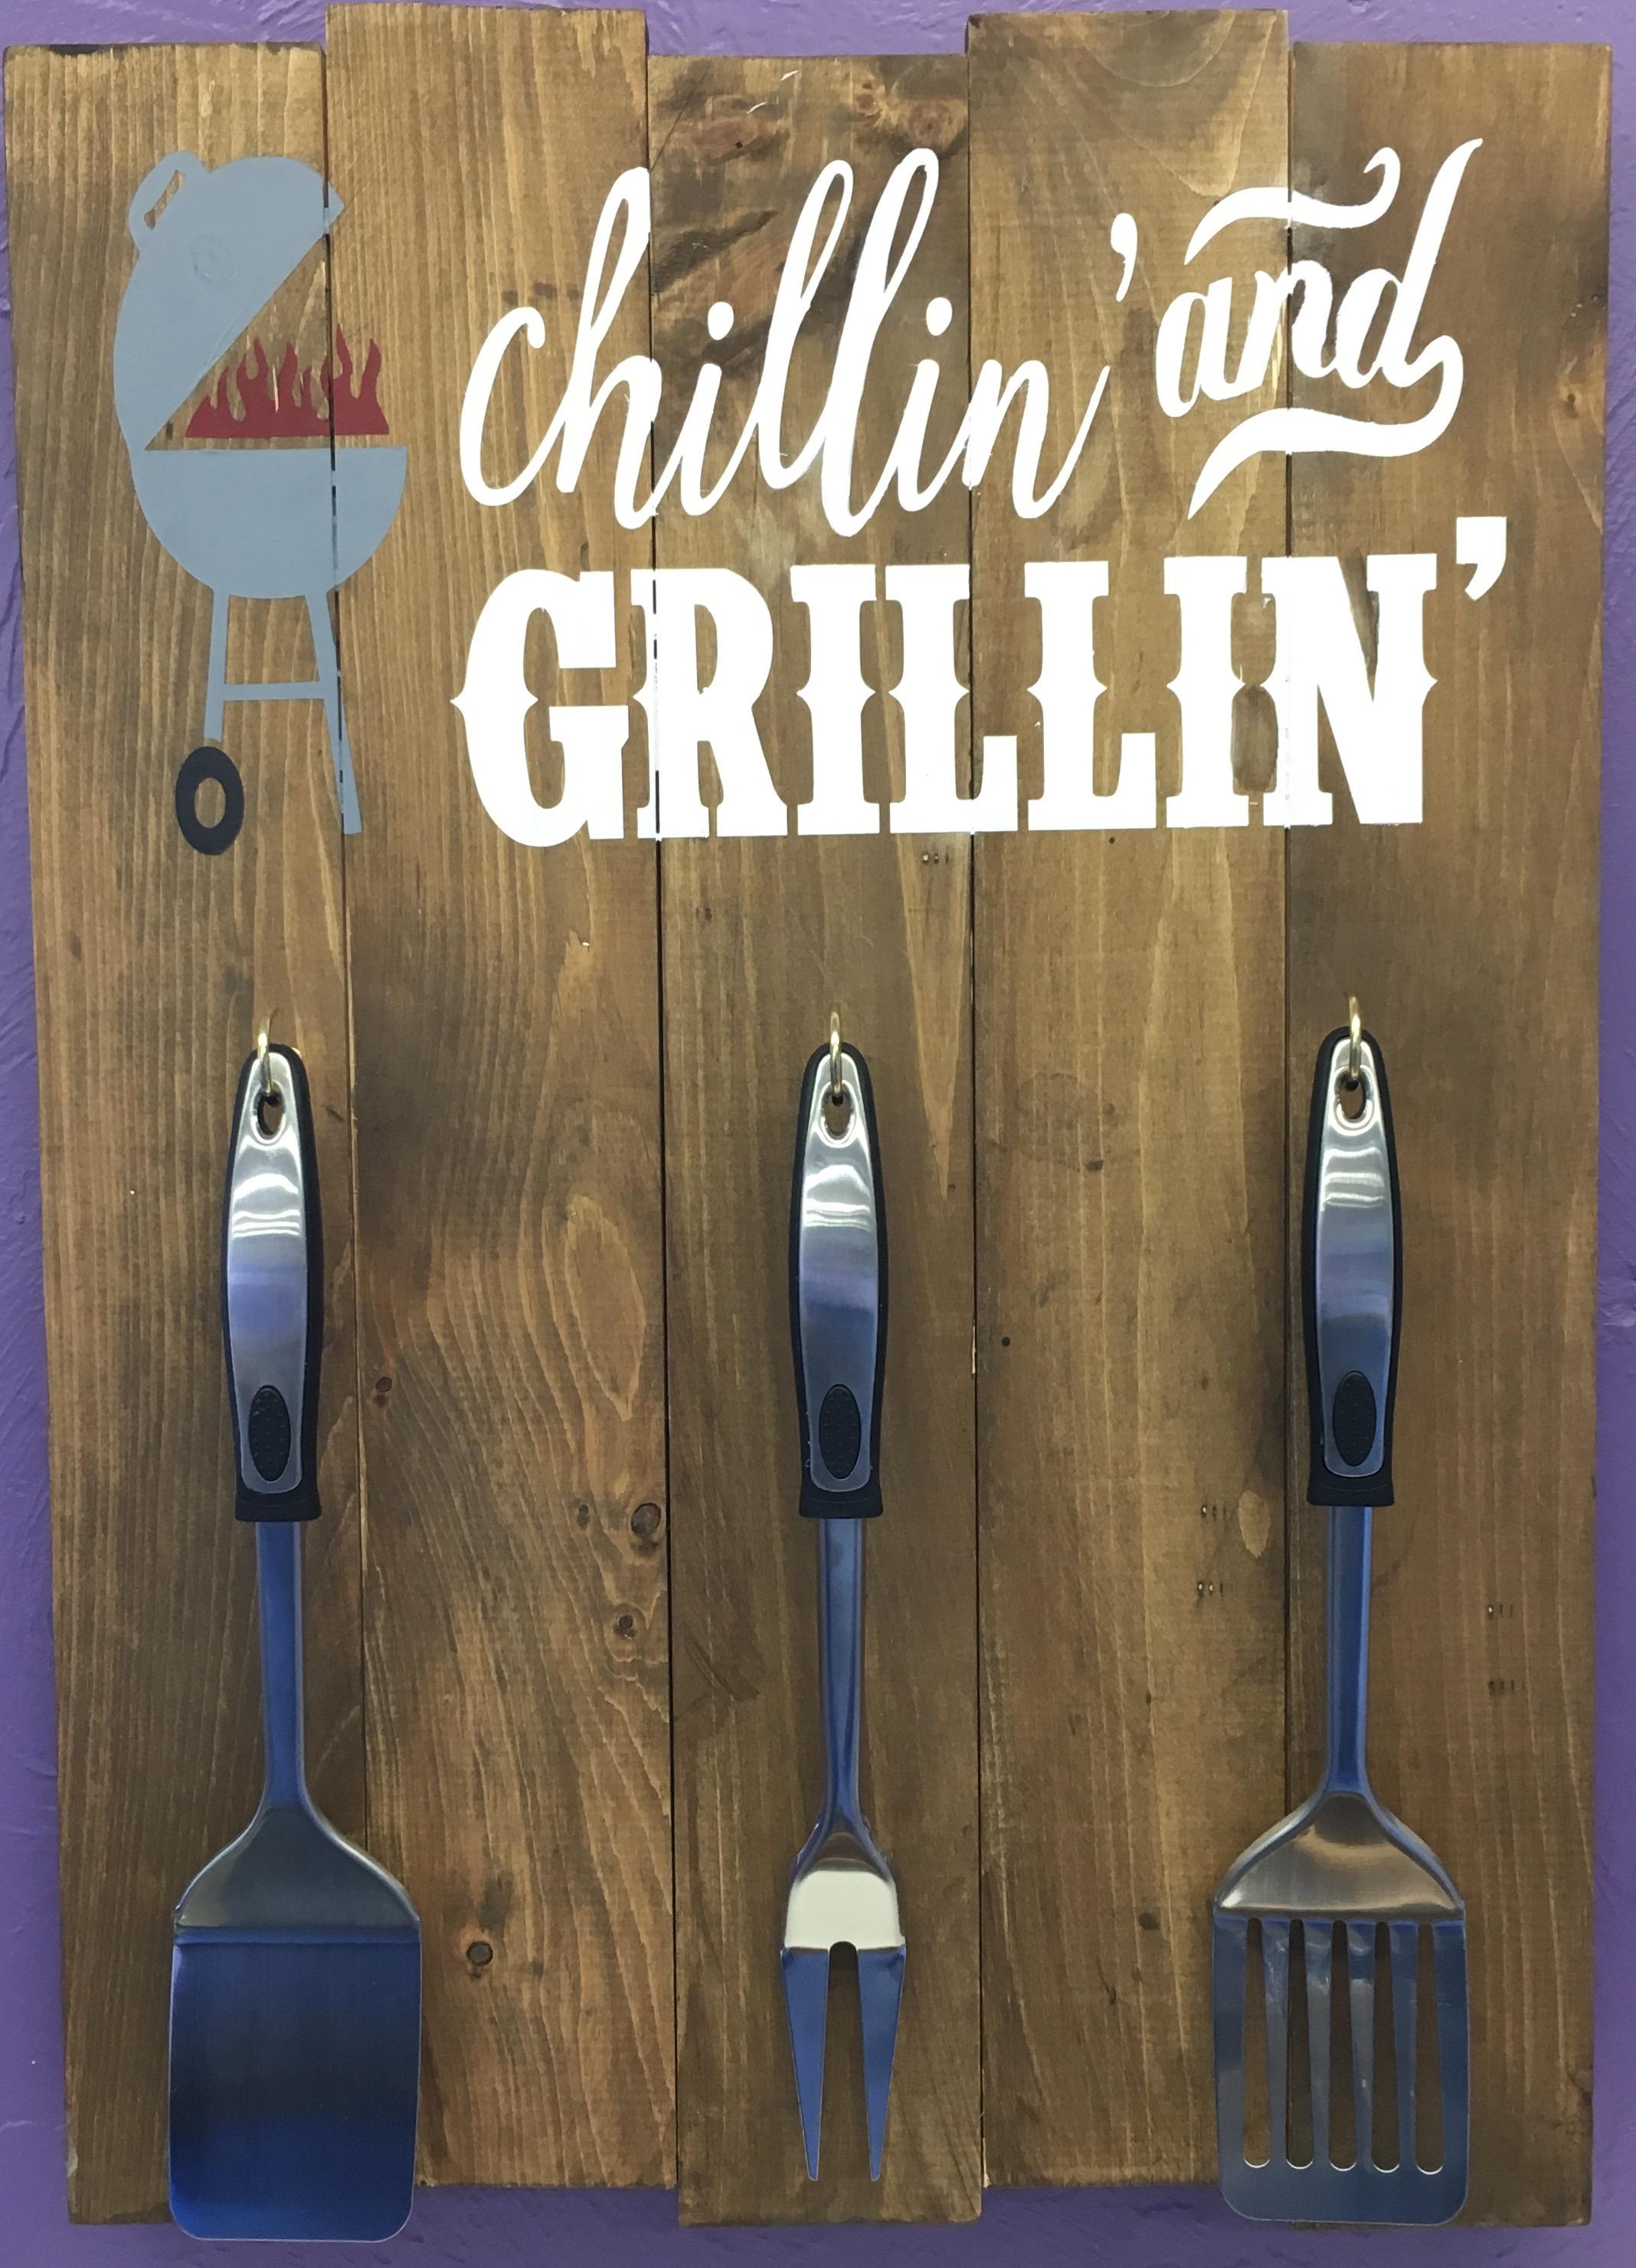 Chillin' & Grillin'